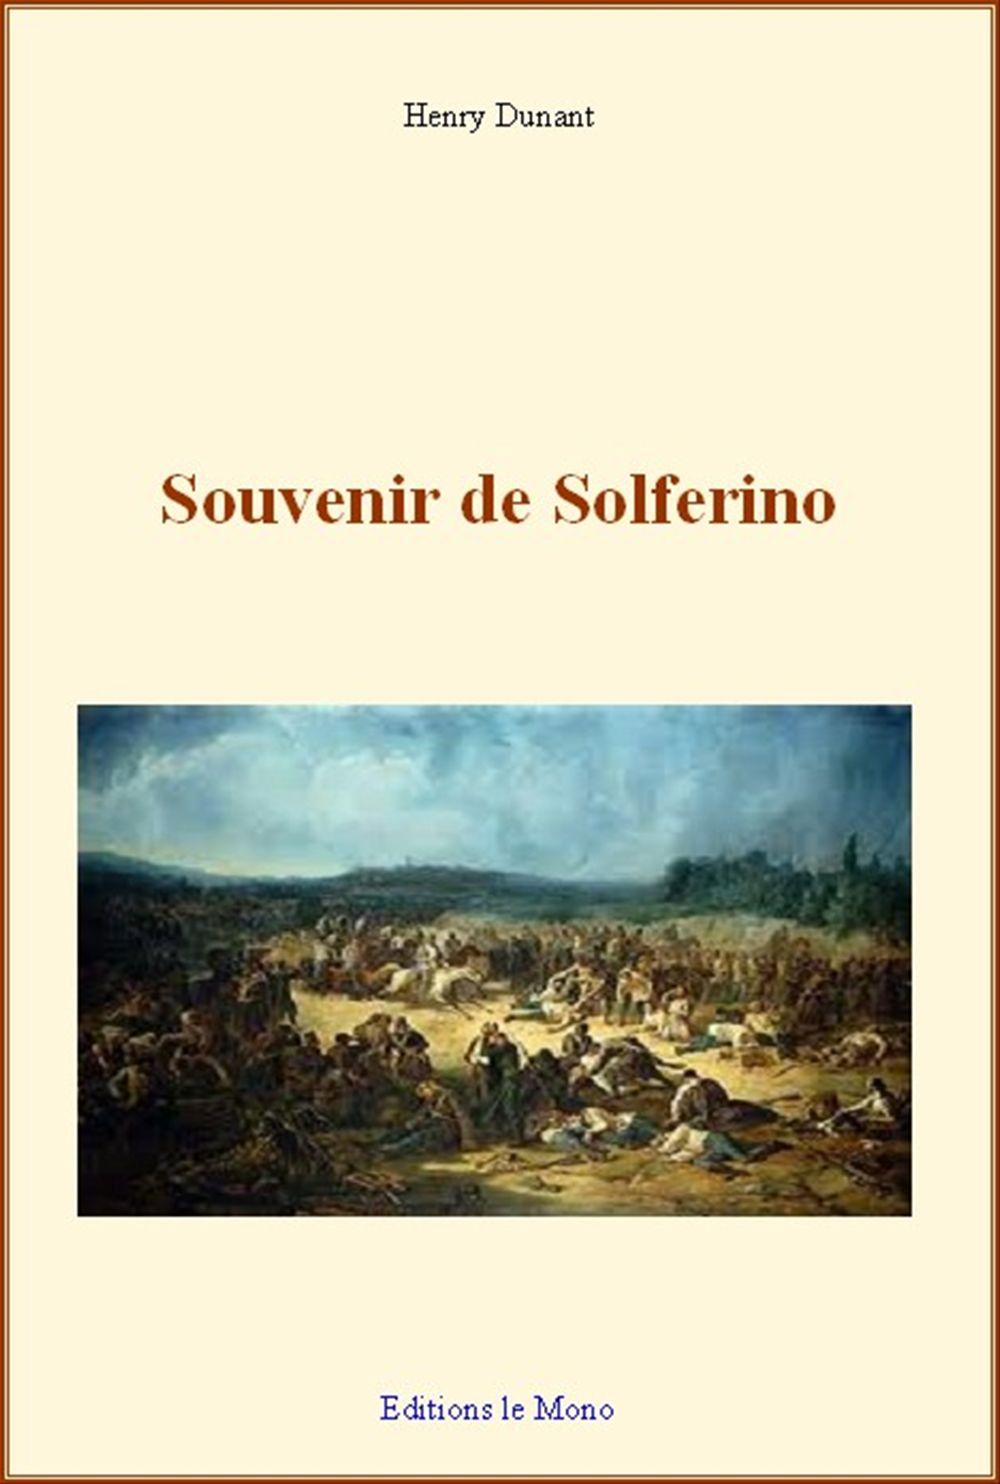 Souvenir de Solferino